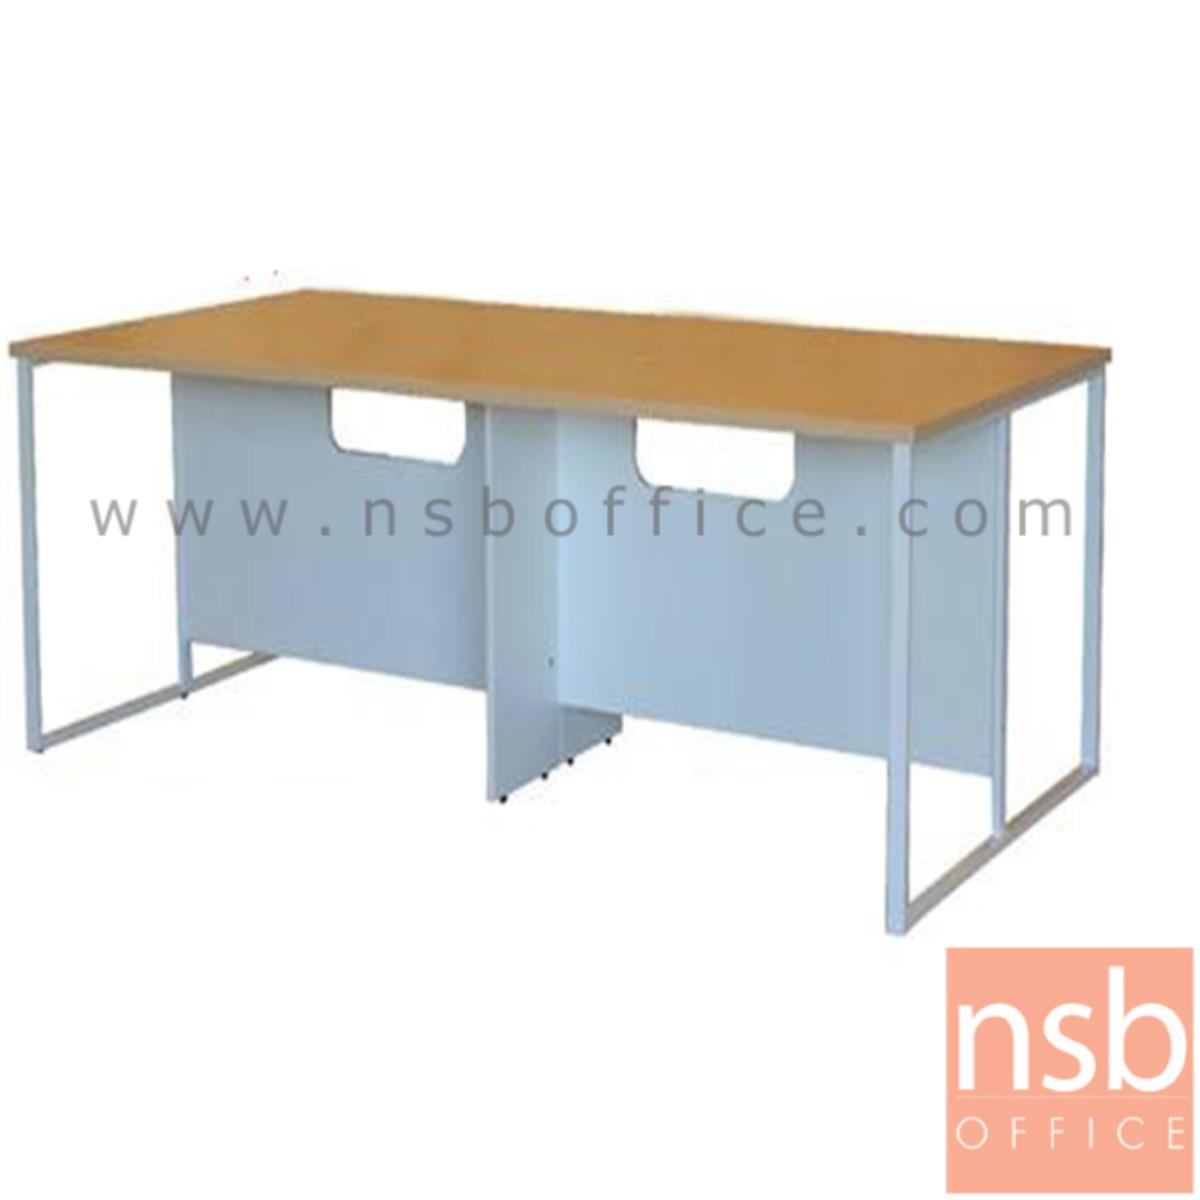 โต๊ะประชุมทรงสี่เหลี่ยมโล่ง รุ่น Gene (จีน) ขนาด 240W cm.